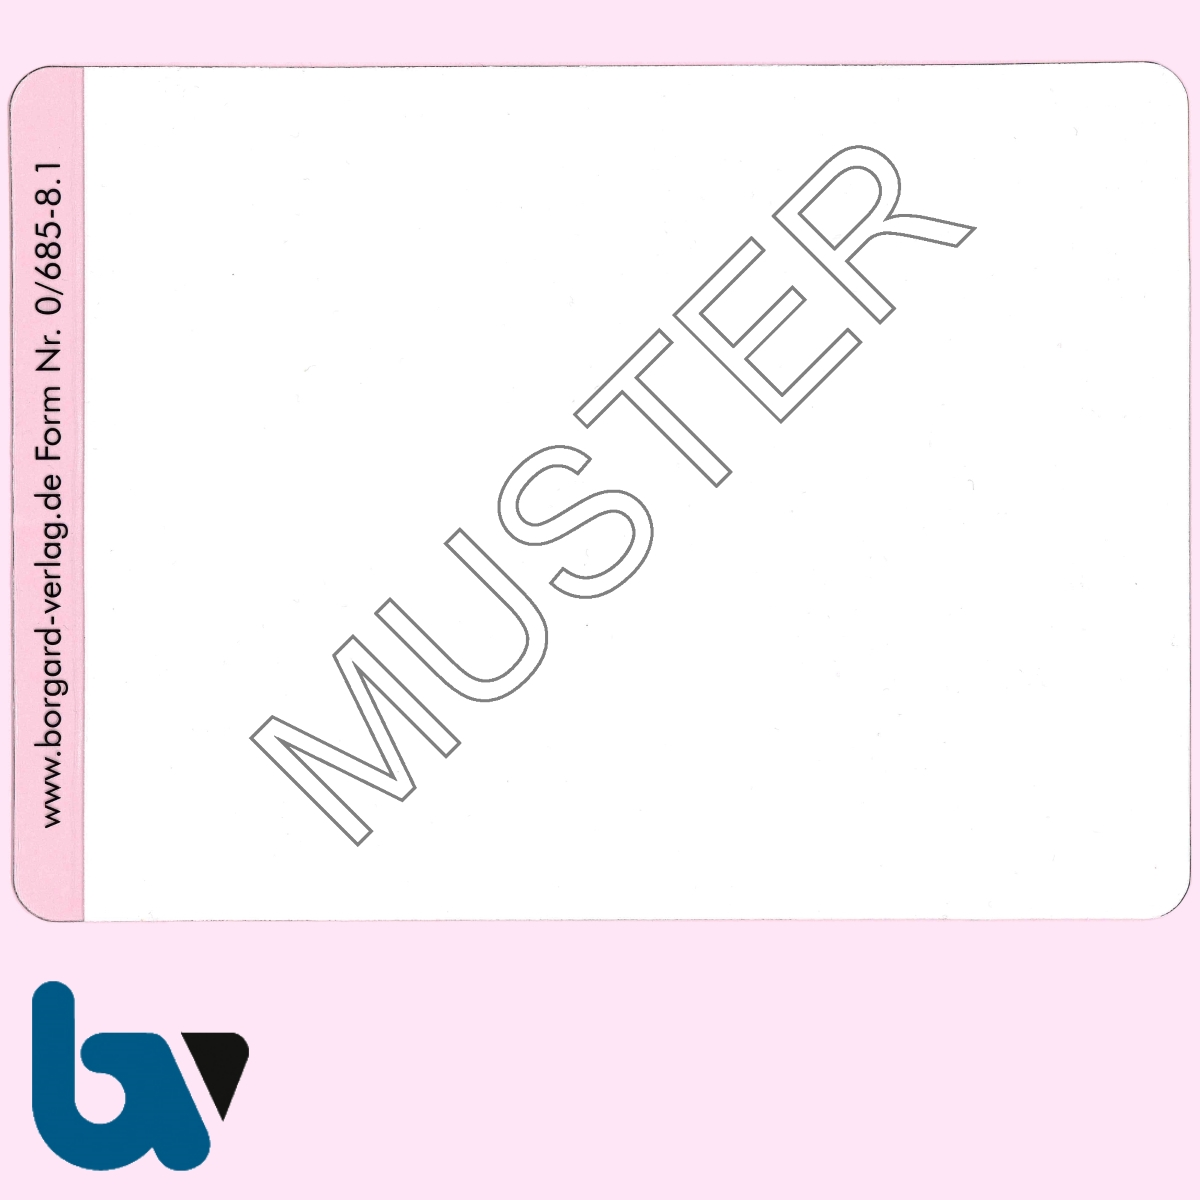 0/685-8.1 Klebefolie zur Plastifizierung Parkausweis DIN A6 VS | Borgard Verlag GmbH